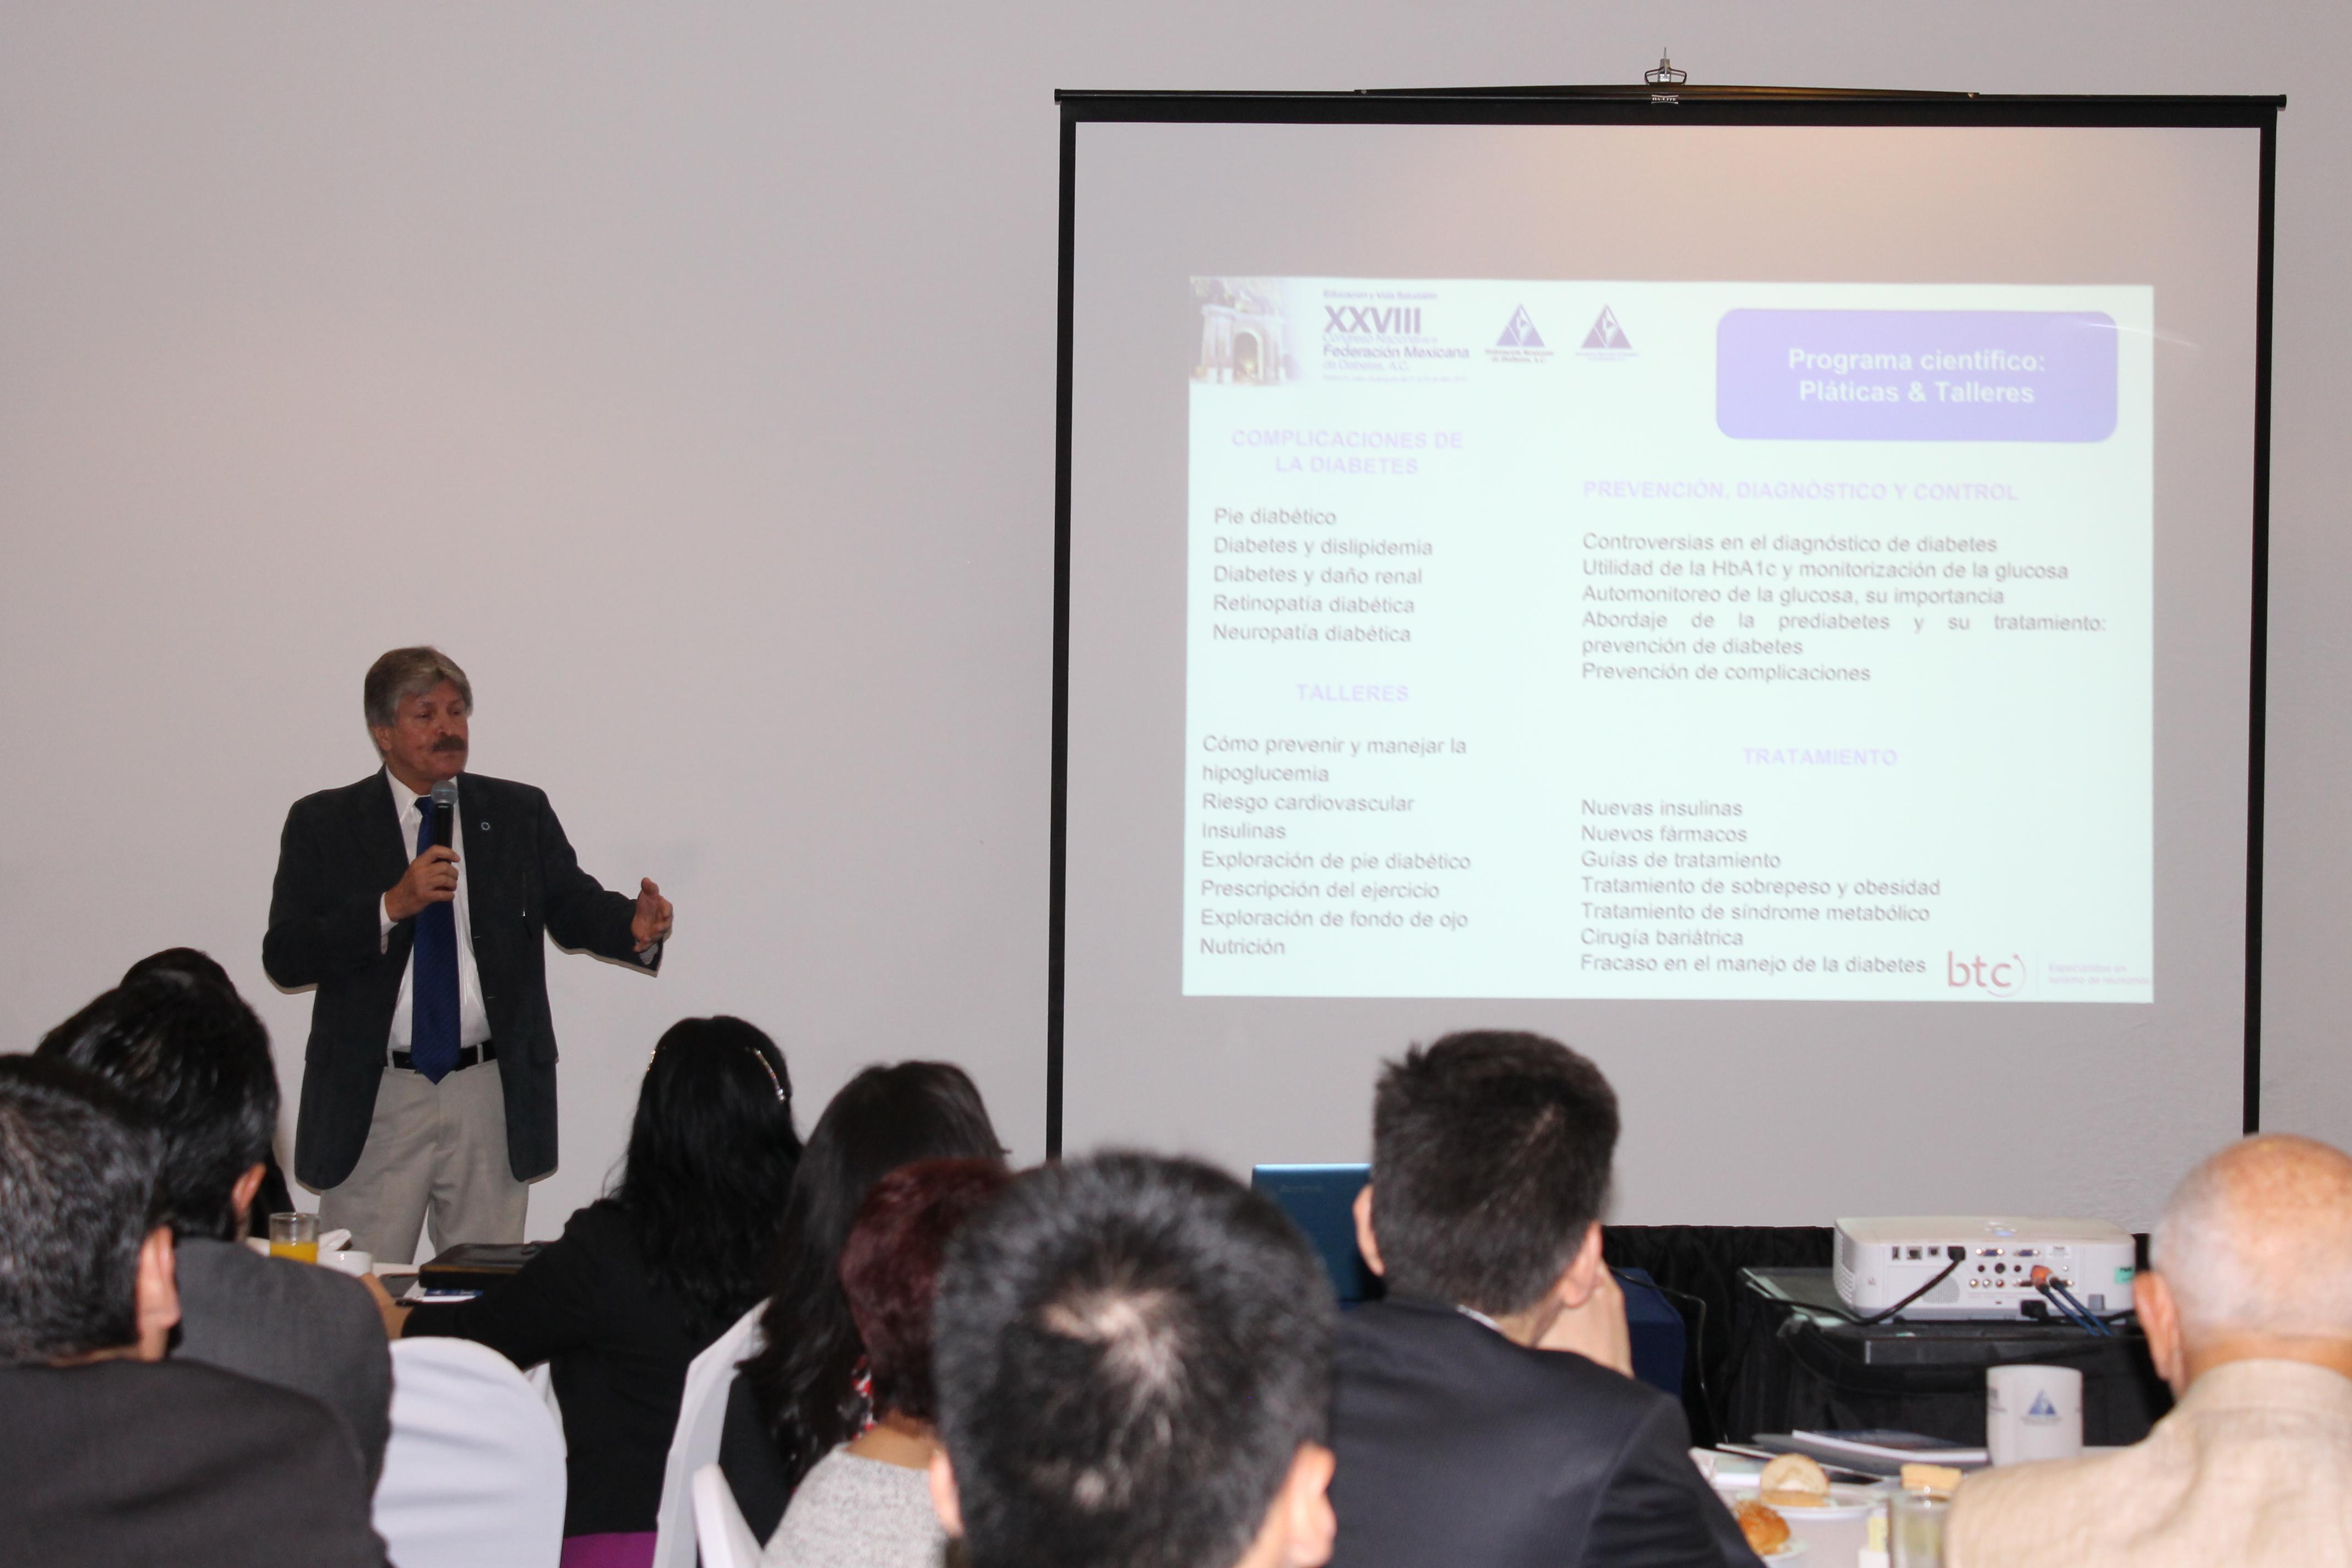 La Federación Mexicana de Diabetes, A.C. presentó este martes la sede y fechas para el Congreso Nacional de 2016